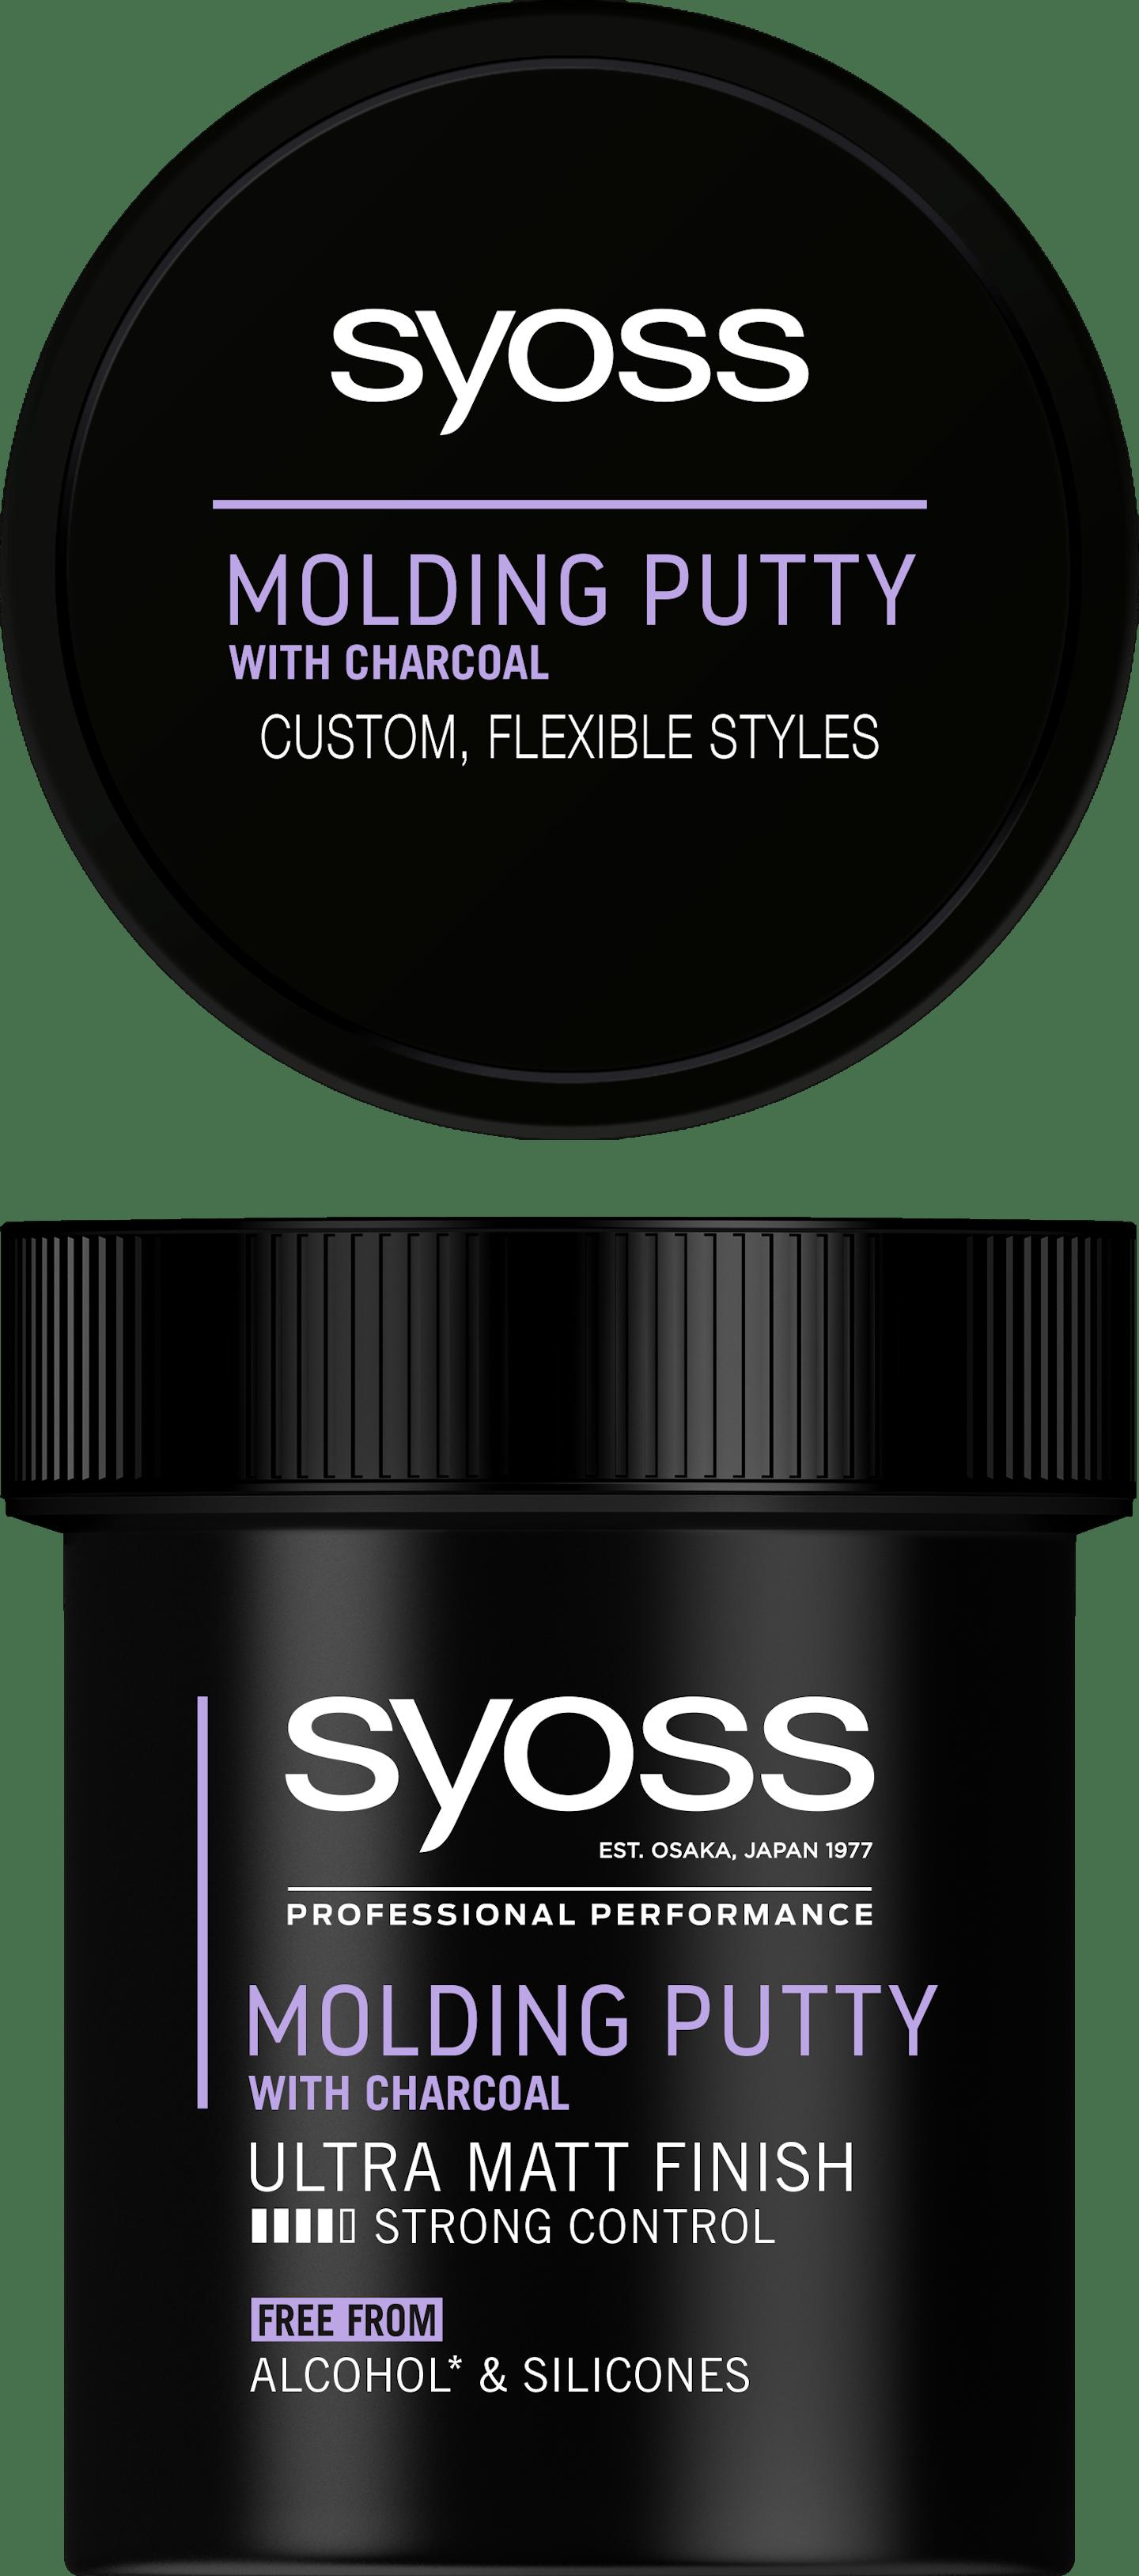 Syoss Molding Putty